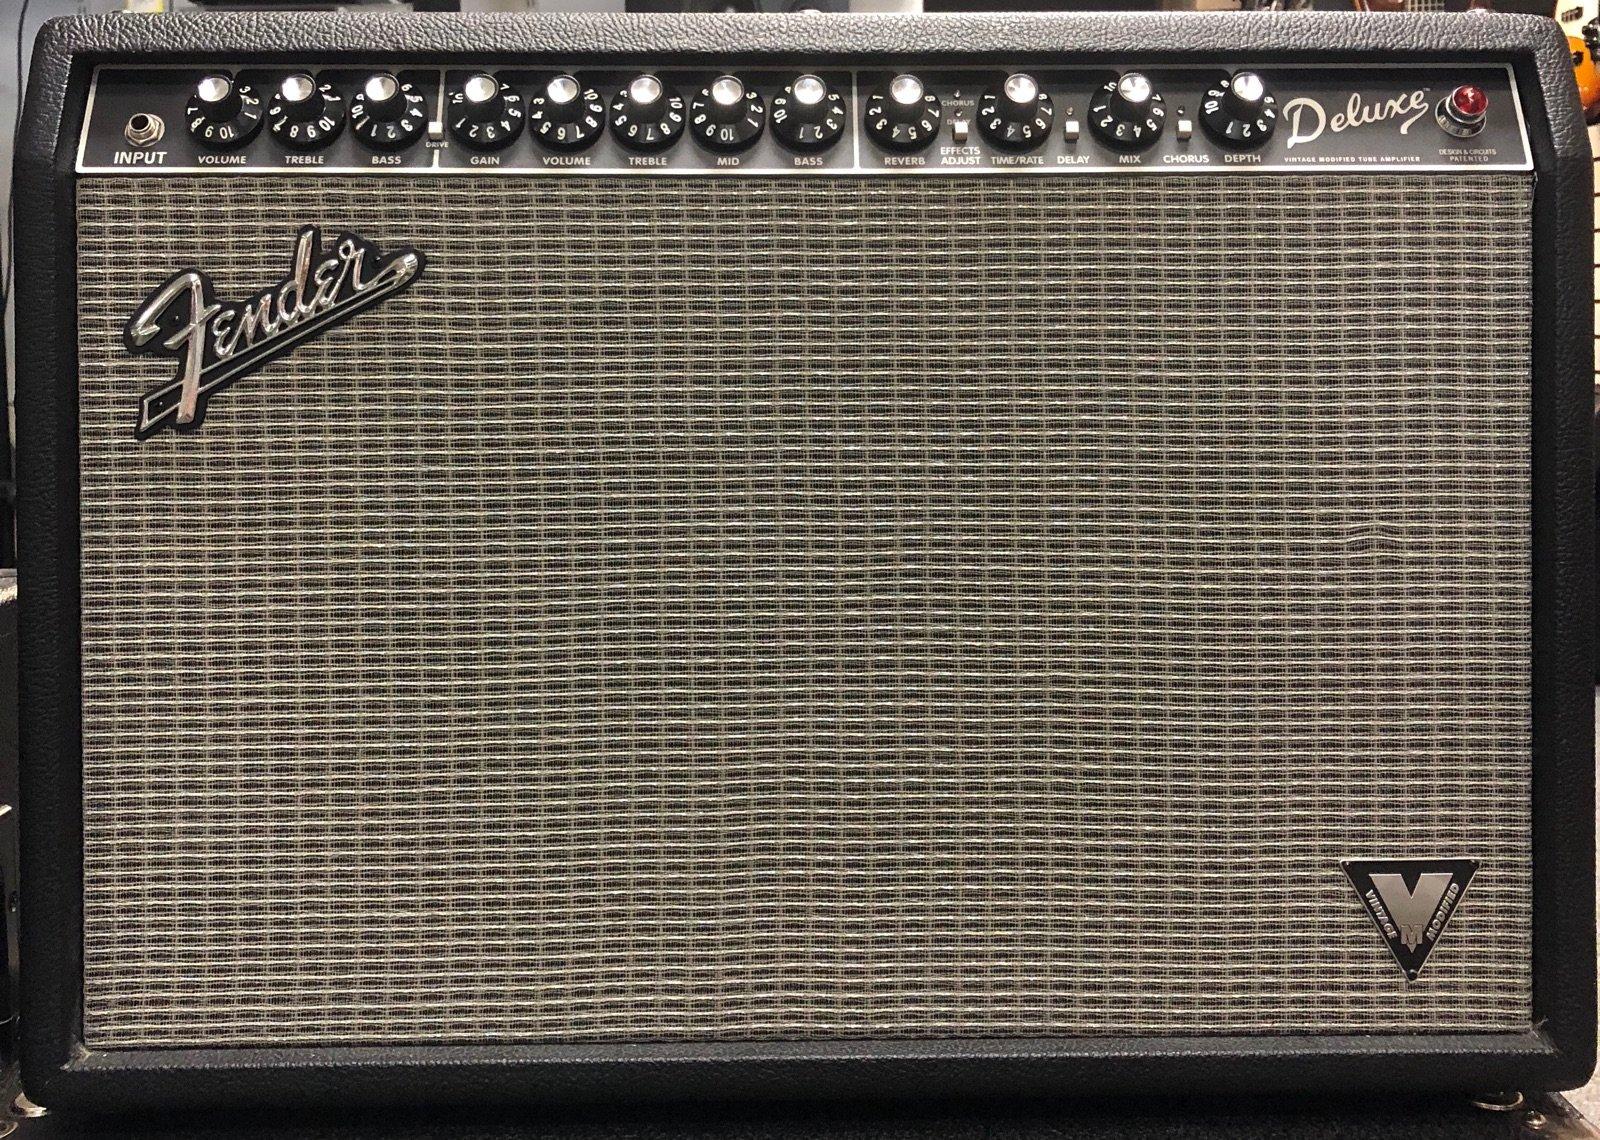 Fender Deluxe Vintage Mod Tubed Amp